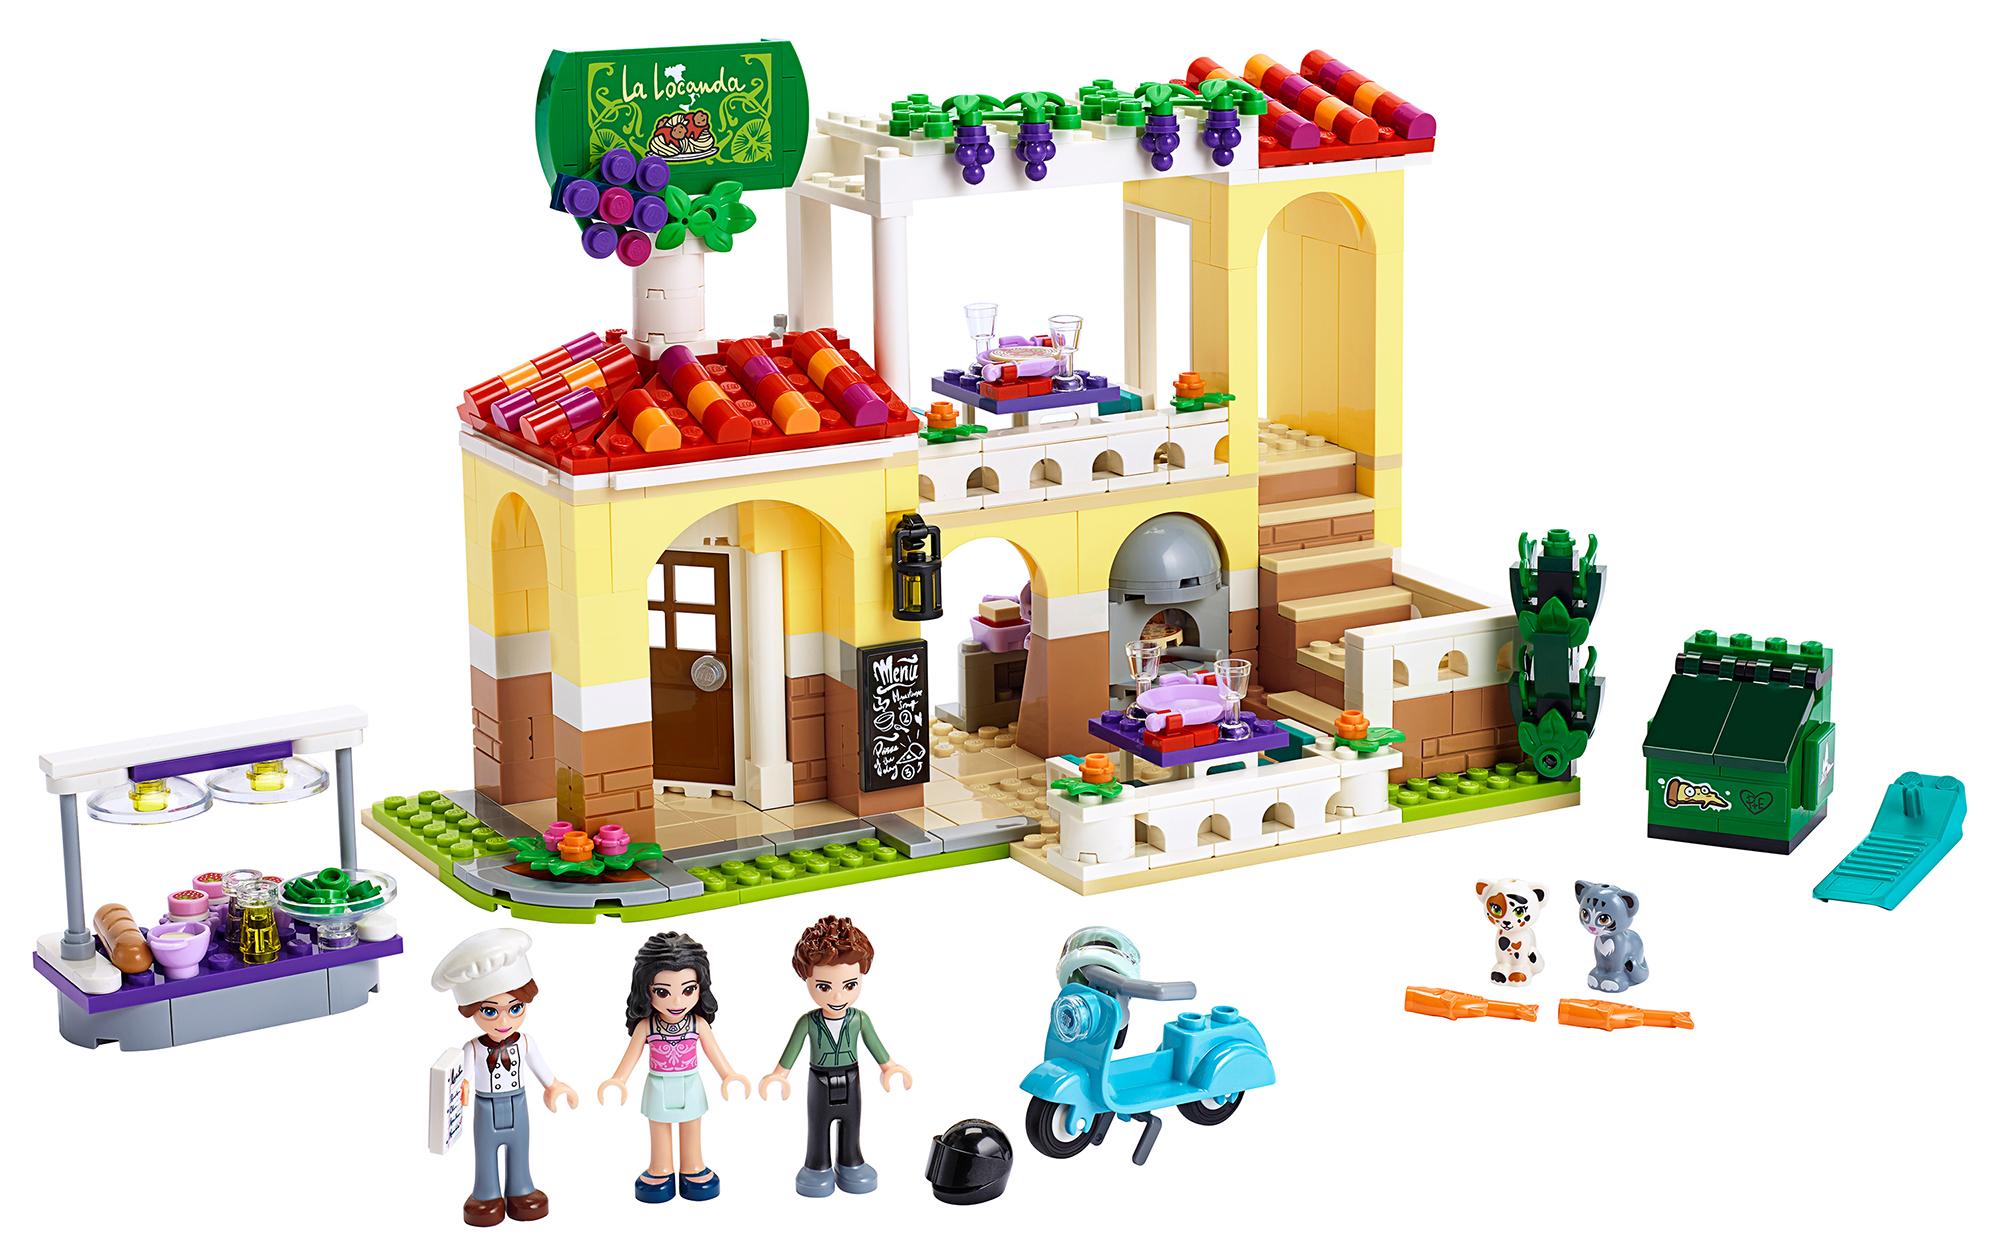 Купить Heartlake, Конструктор LEGO Friends Ресторан Хартлейк Сити, LEGO для девочек